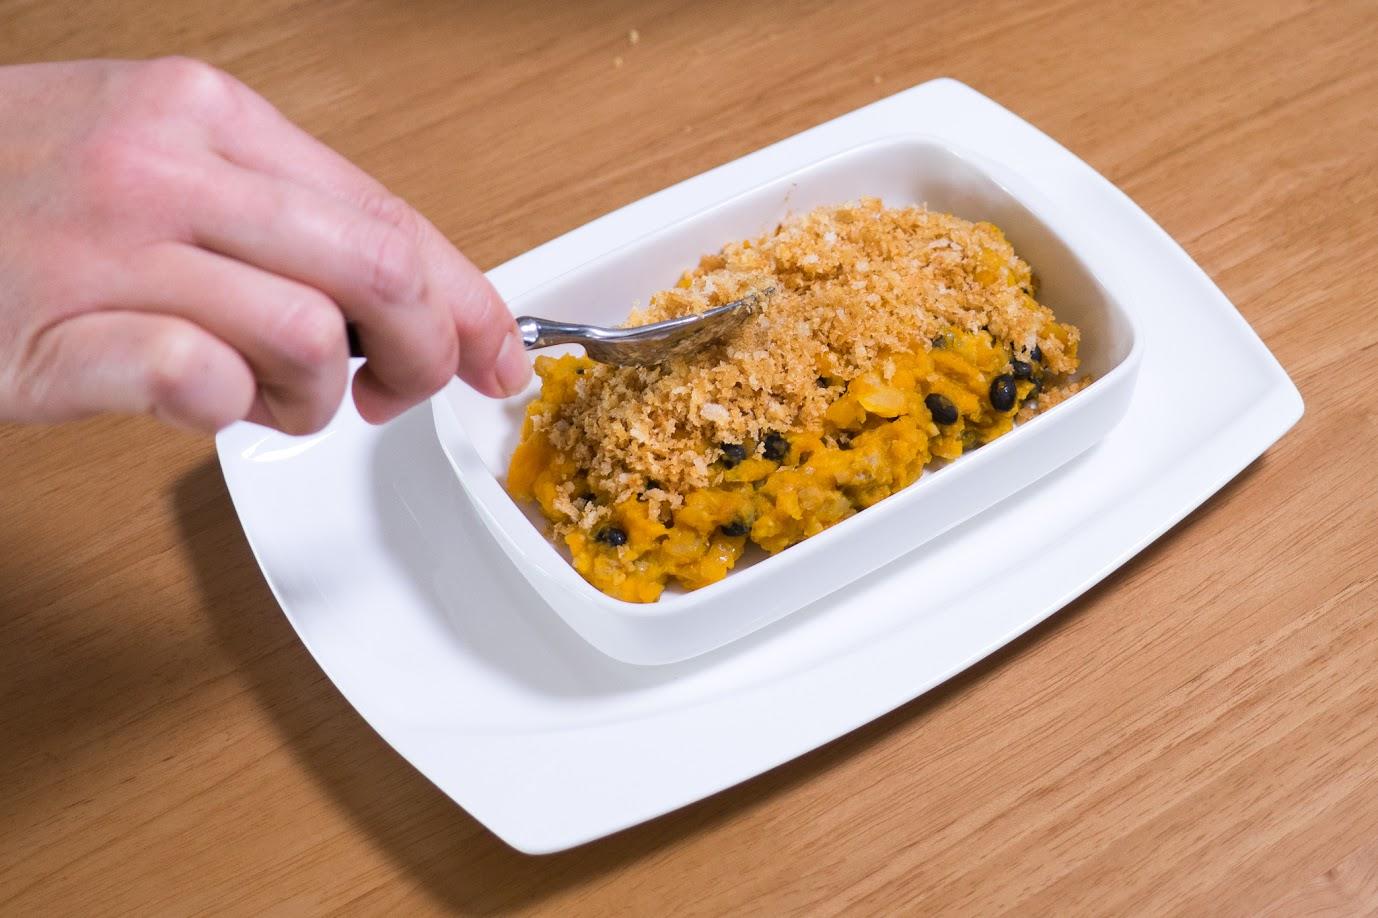 黒千石大豆と南瓜のスコップコロッケ:グラタン皿にいれ、パン粉をかける